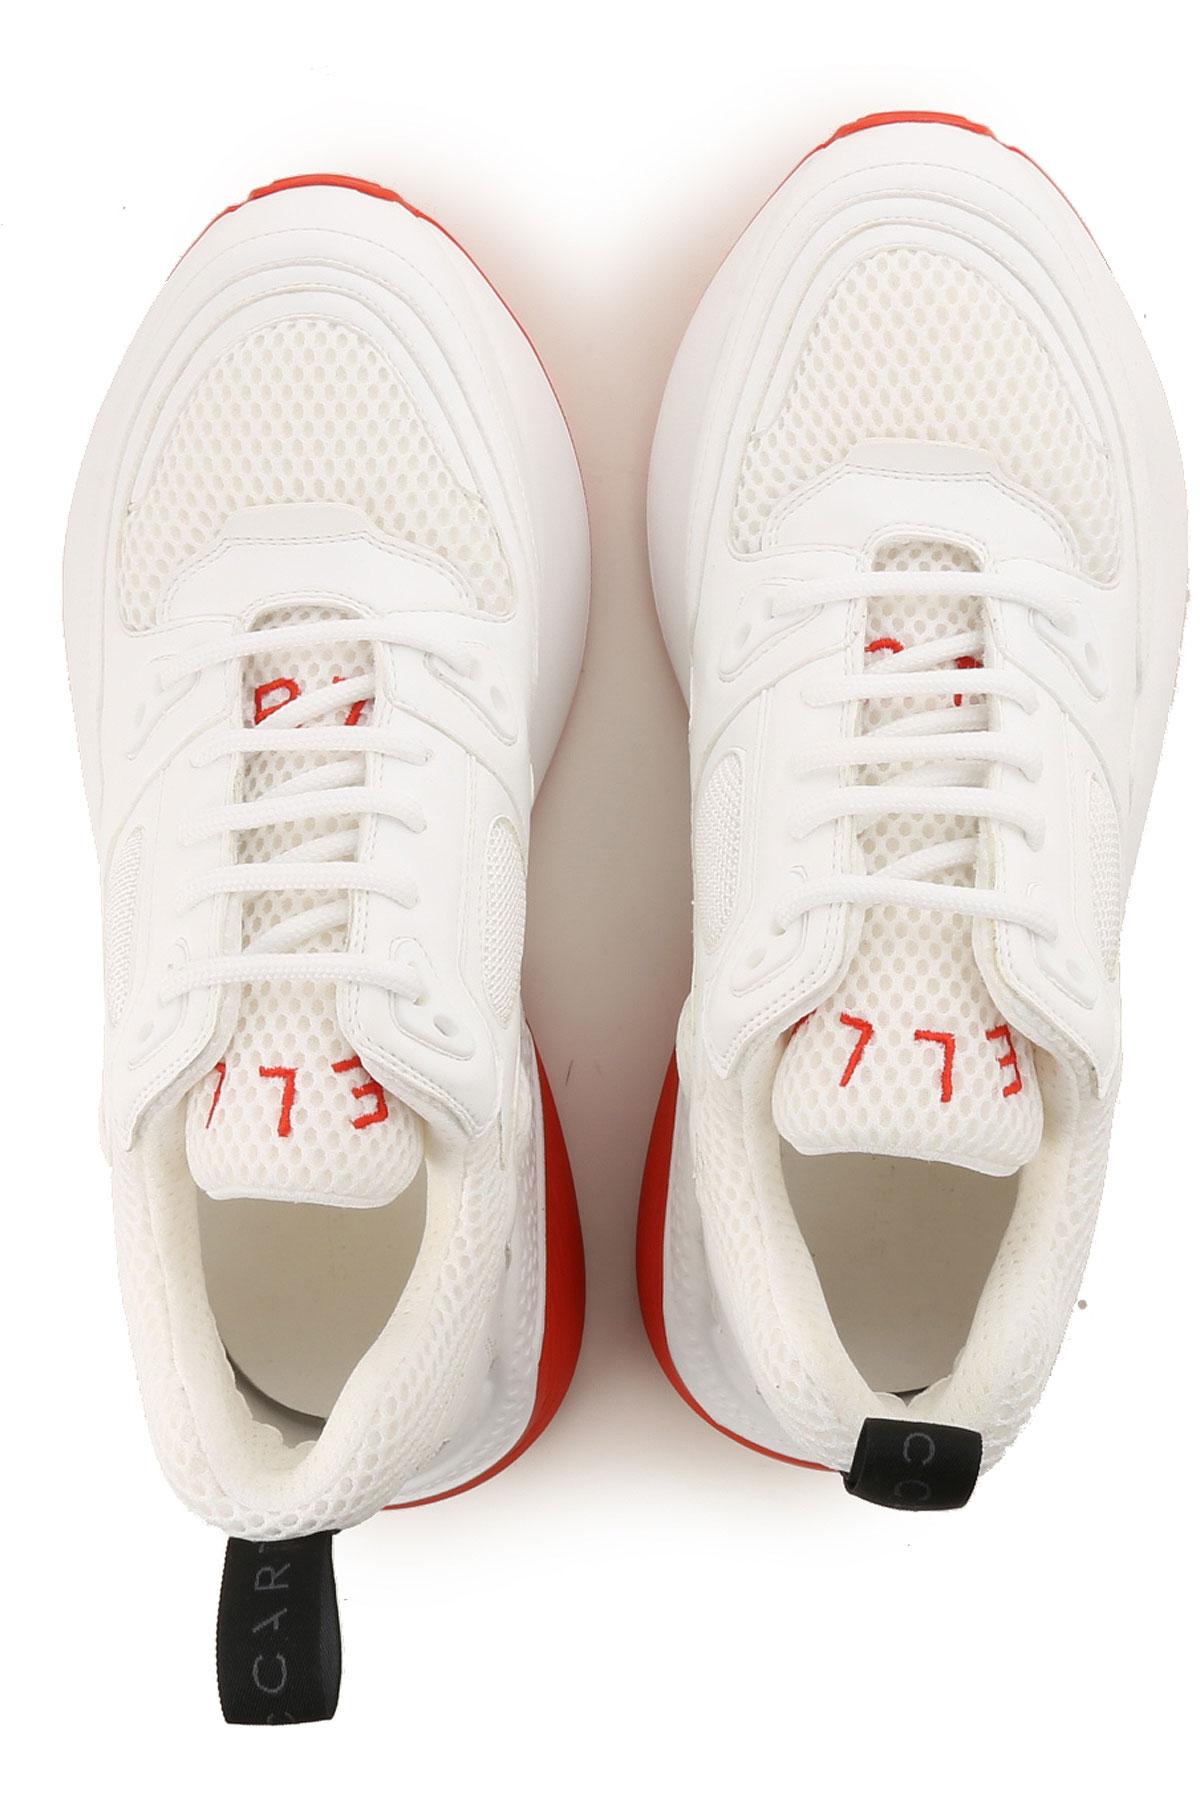 Hombres Rojo 2019 Stella verano Blanco Zapatos Mccartney Primavera Para T88qtPgw